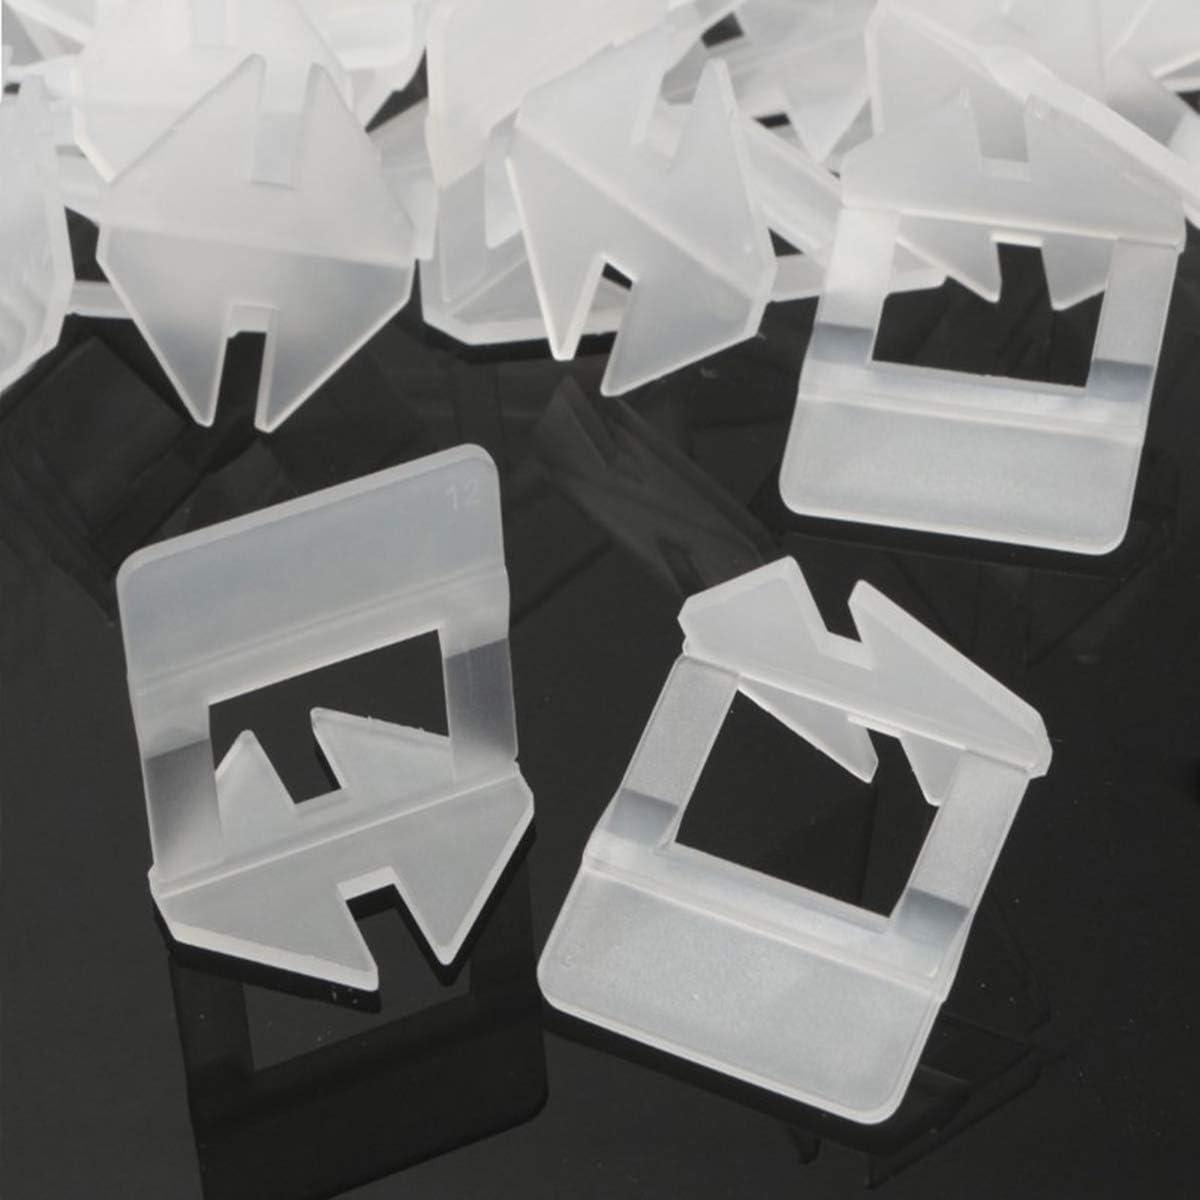 sistema de nivelaci/ón de azulejos Sistema de nivelaci/ón de azulejos color blanco 400 unidades 2 mm